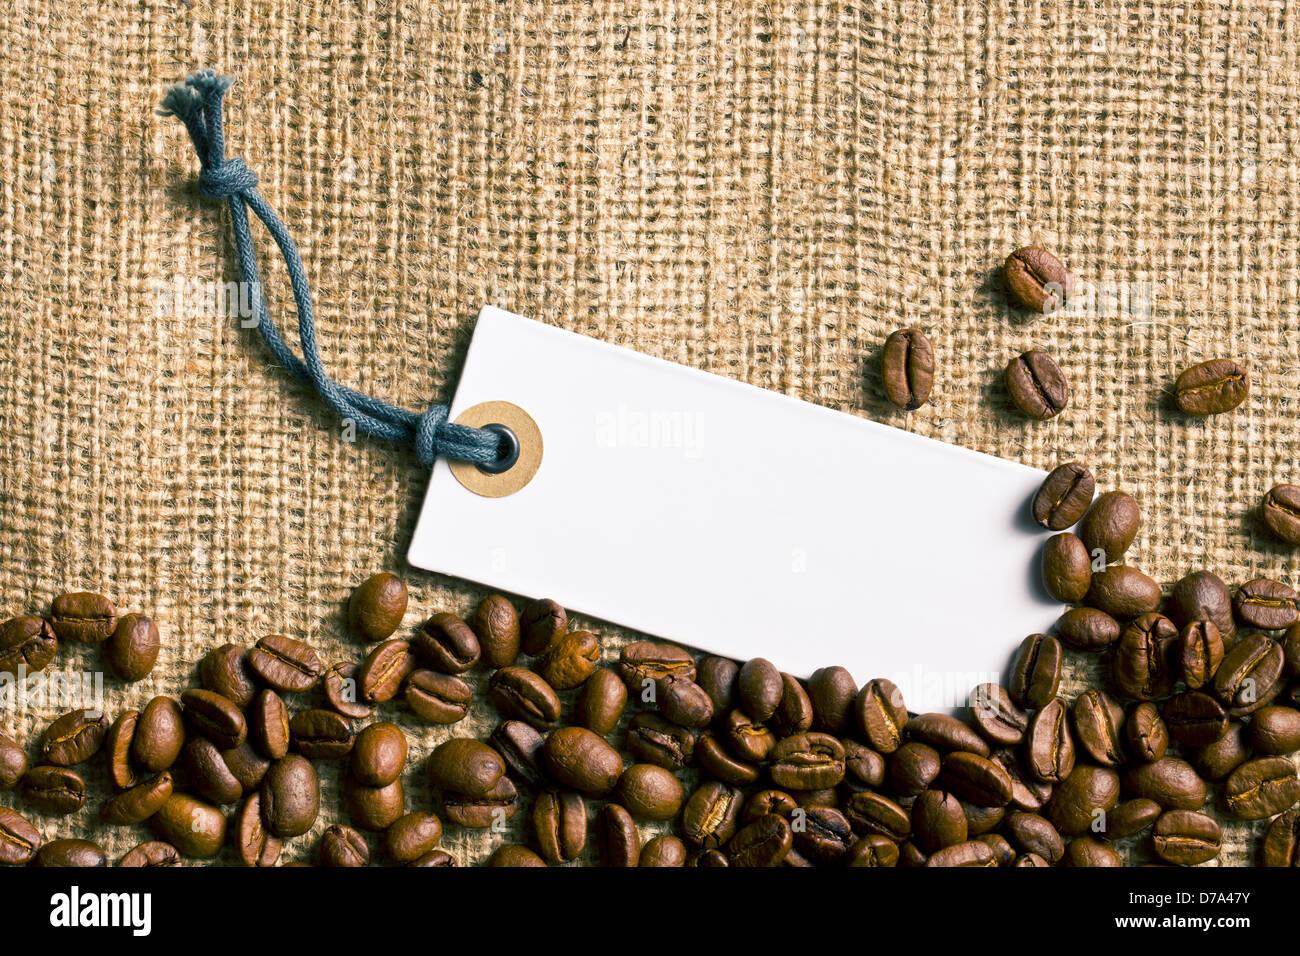 Kaffeebohnen und Preisschild auf Sackleinen Stockbild